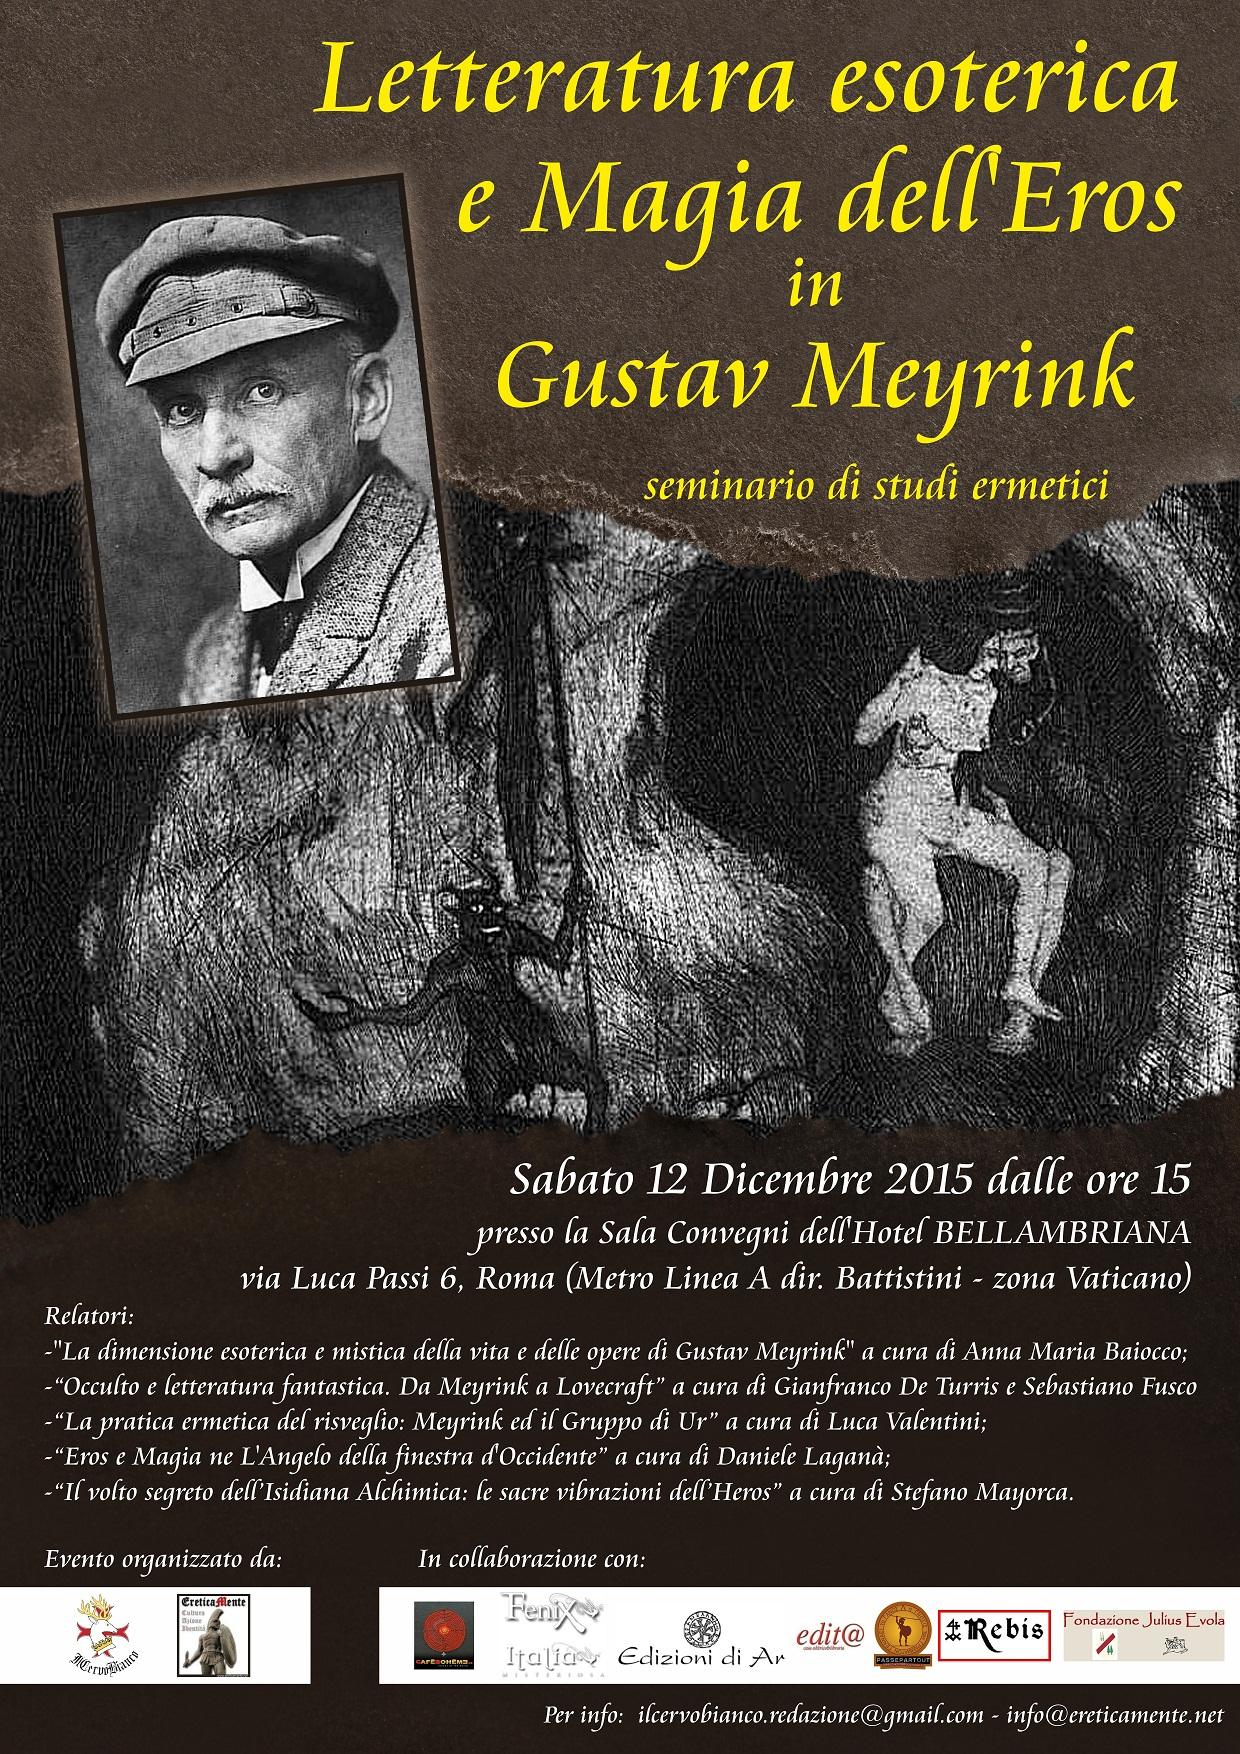 In diretta da Roma Letteratura Esoterica e Magia dell`Eros in Meyrink. Le prime foto.